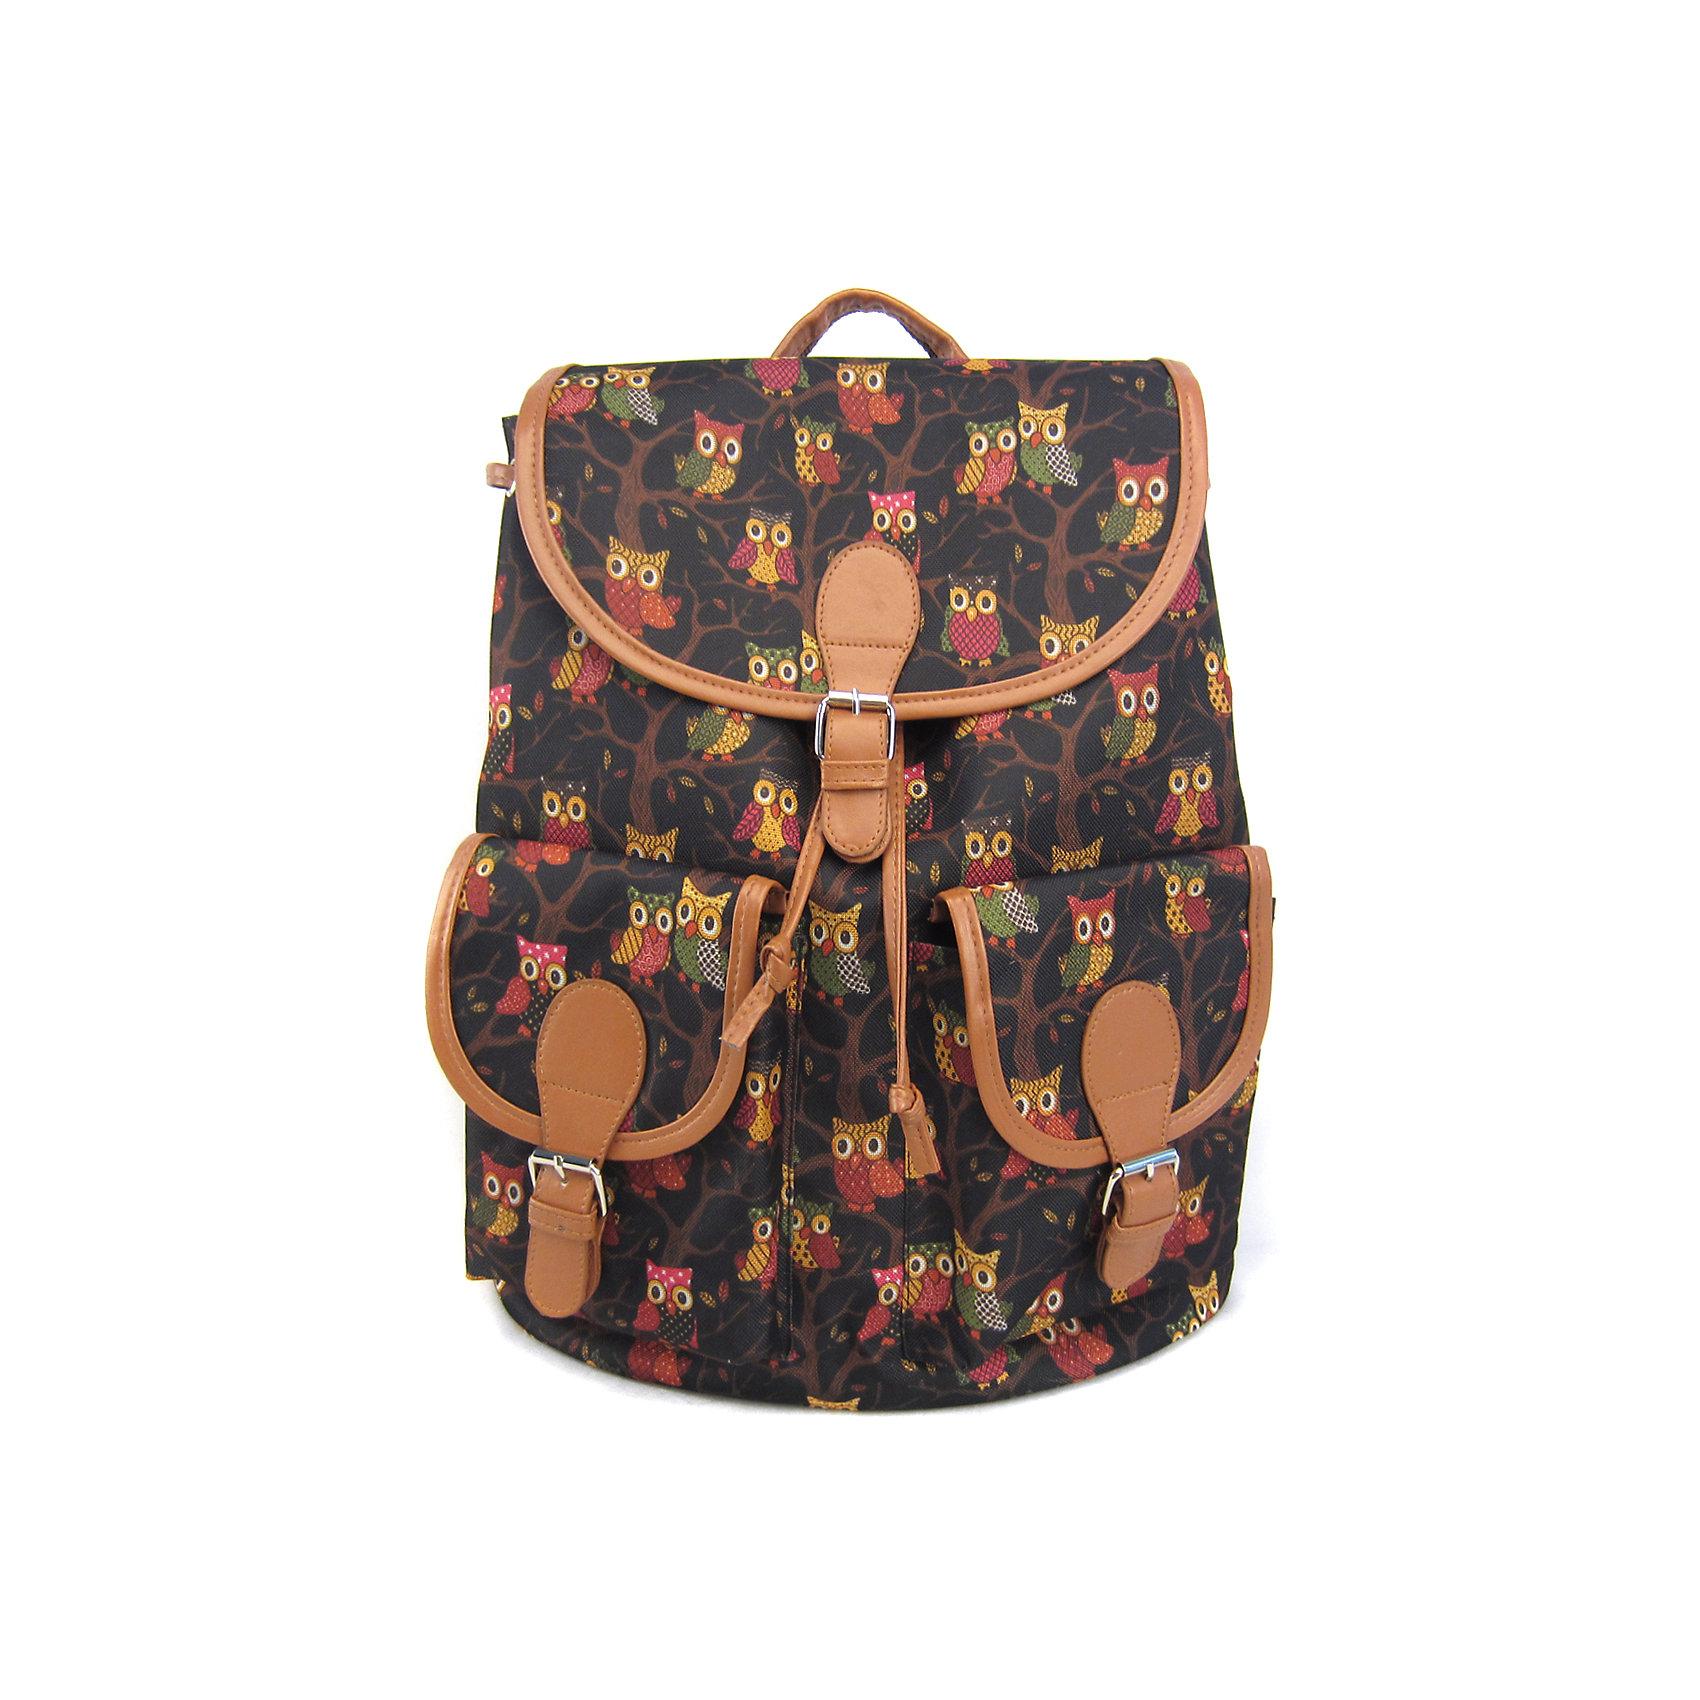 Рюкзак Филины с 2-мя карманами, цвет черныйРюкзаки<br>Совы в этом сезоне – как никогда популярны! Эта умная и благородная птица – еще и очень милая! Поэтому она нравится абсолютно всем! Удобный, прочный, вместительный и стильный рюкзак от бренда Creative LLC – это отличный способ отдать дань «совиной» моде.<br><br>Ширина мм: 390<br>Глубина мм: 350<br>Высота мм: 170<br>Вес г: 470<br>Возраст от месяцев: 72<br>Возраст до месяцев: 2147483647<br>Пол: Унисекс<br>Возраст: Детский<br>SKU: 5450165